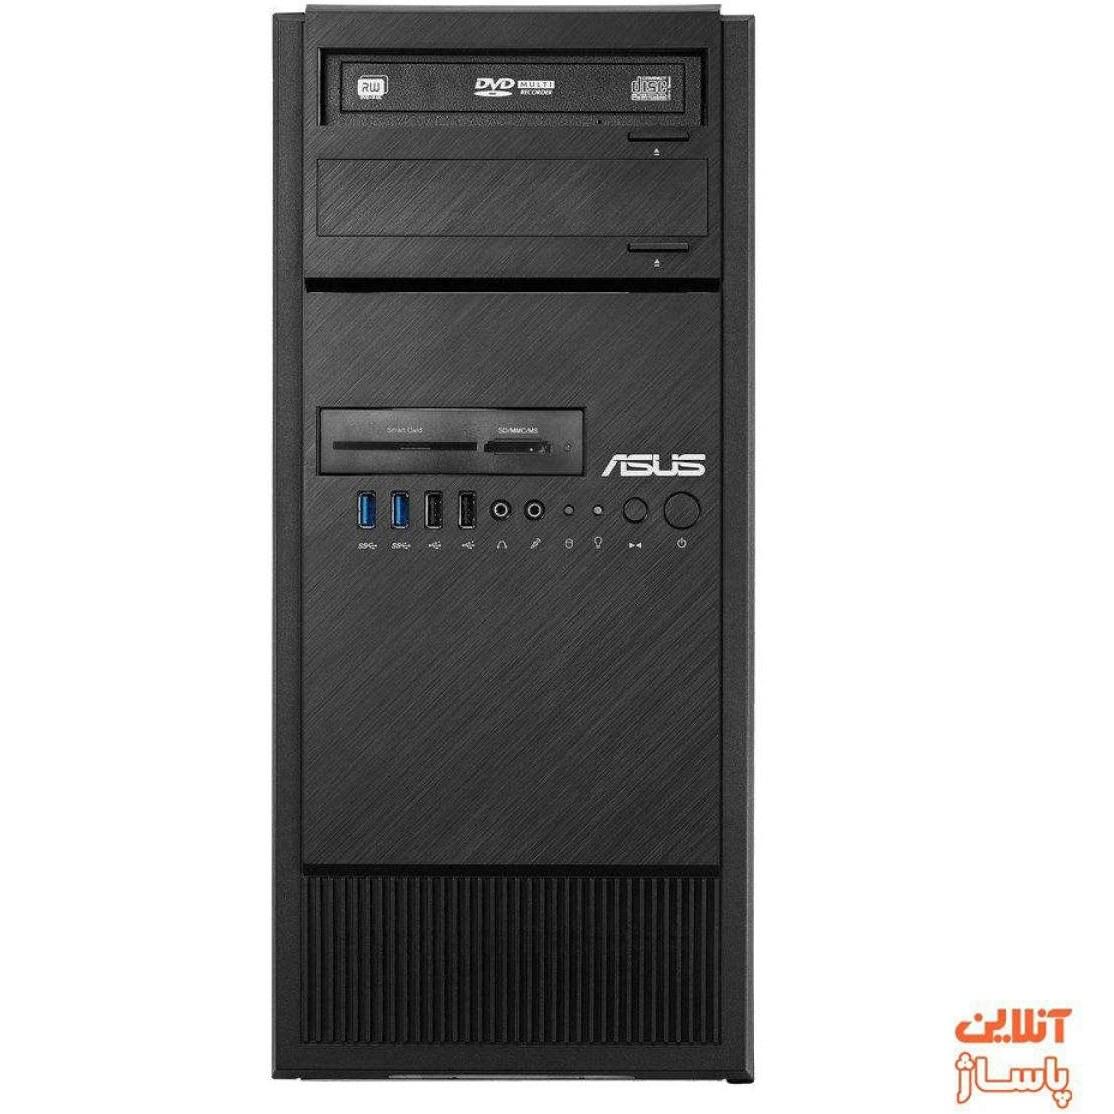 تصویر کامپیوتر دسکتاپ ایسوس مدل ESC500 G4-C ASUS Workstation ESC500 G4 - C